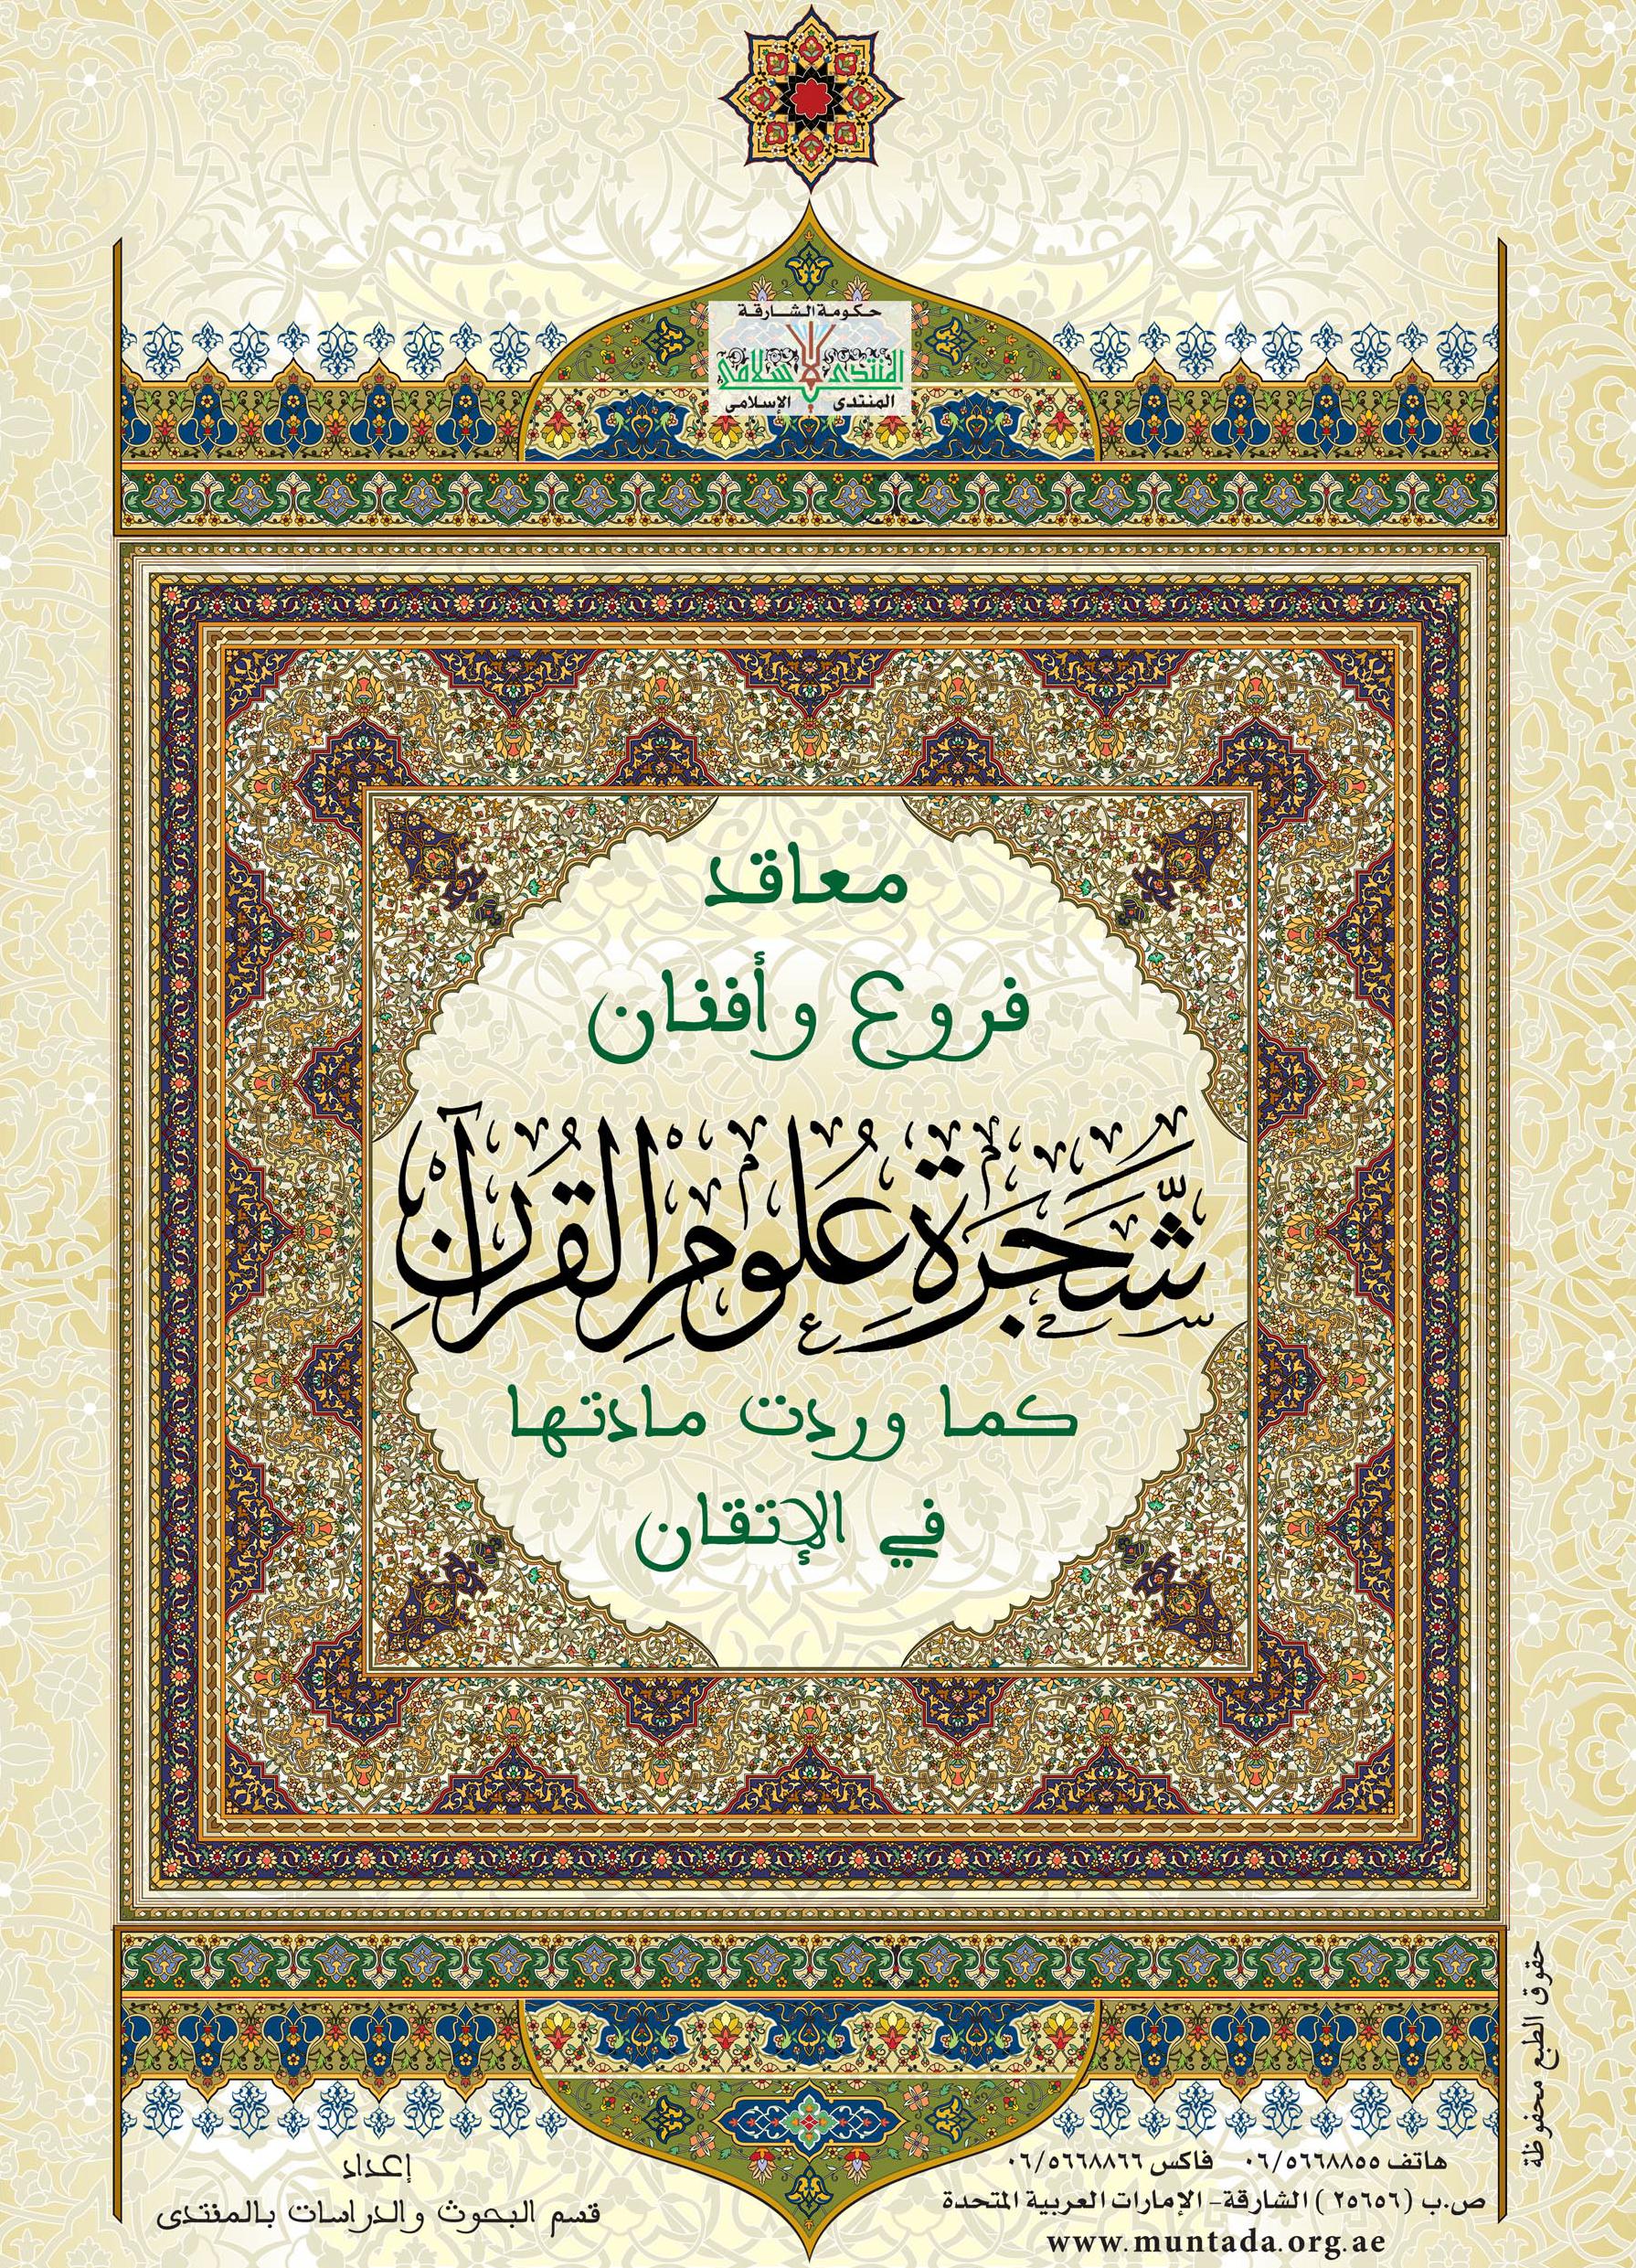 تحميل كتاب معاقد فروع وأفنان شجرة علوم القرآن كما وردت مادتها في الإتقان